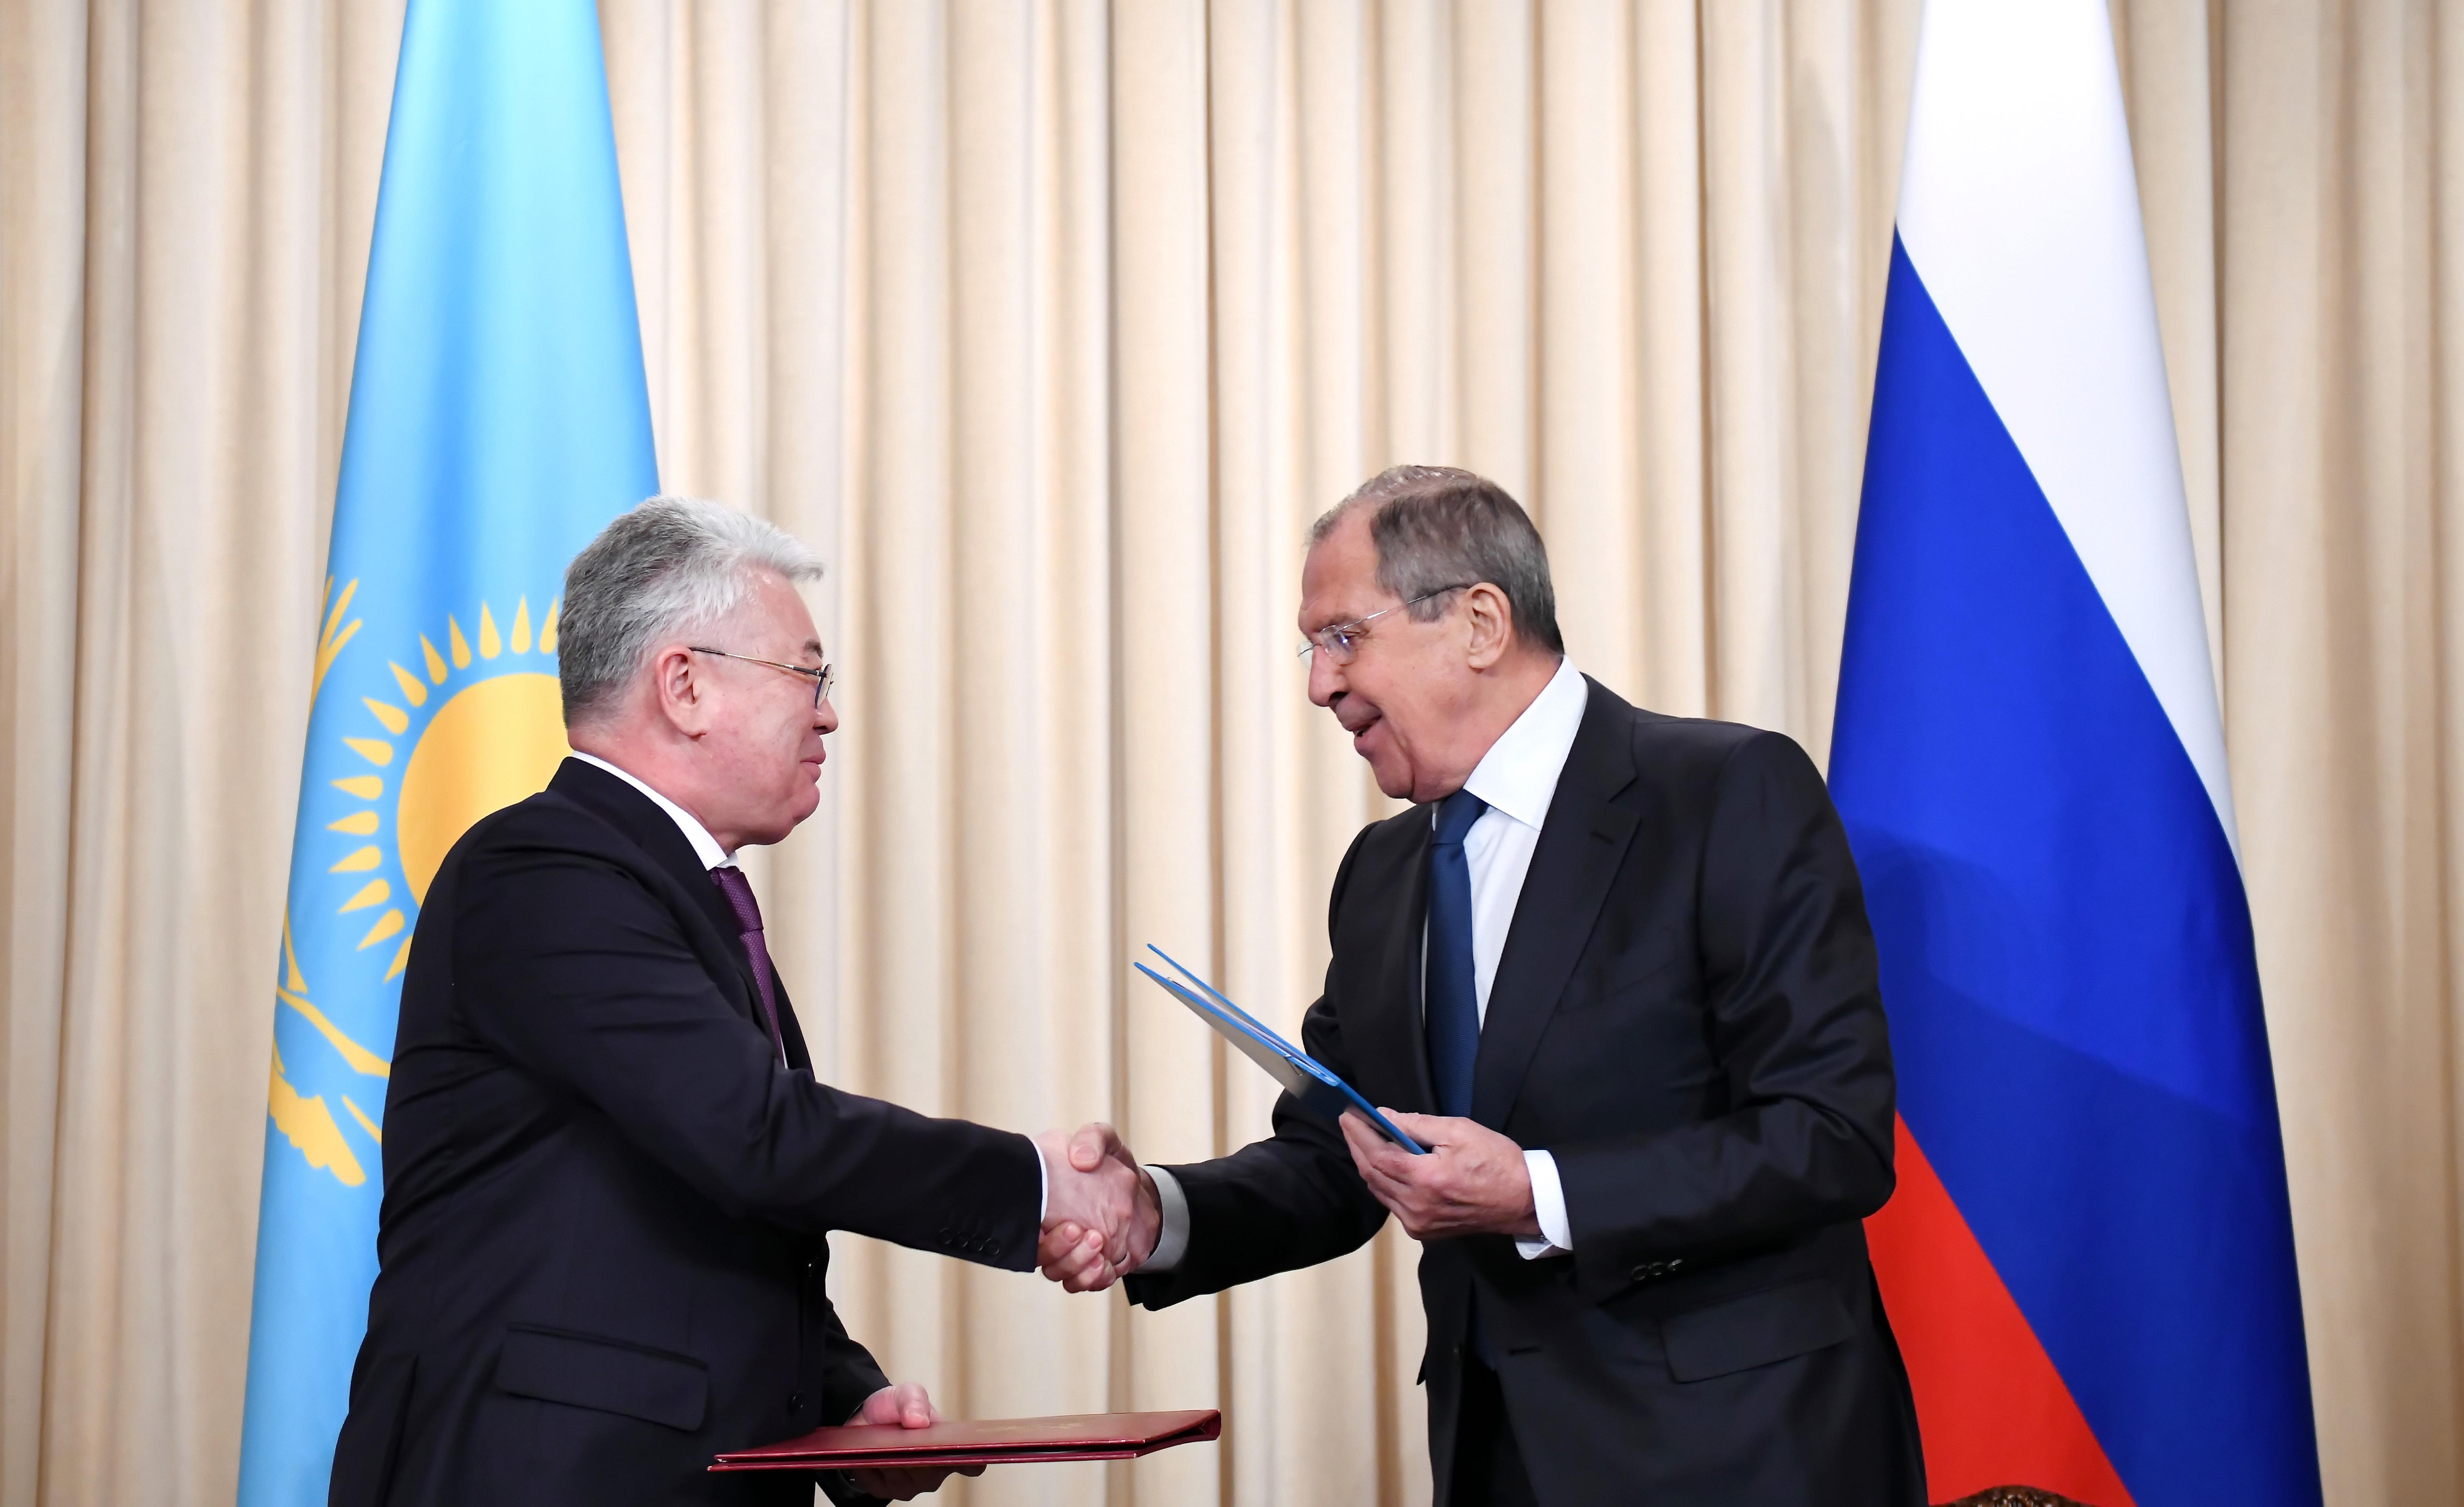 Главы МИД РК и РФ обсудили взаимодействие в рамках региональных интеграционных объединений